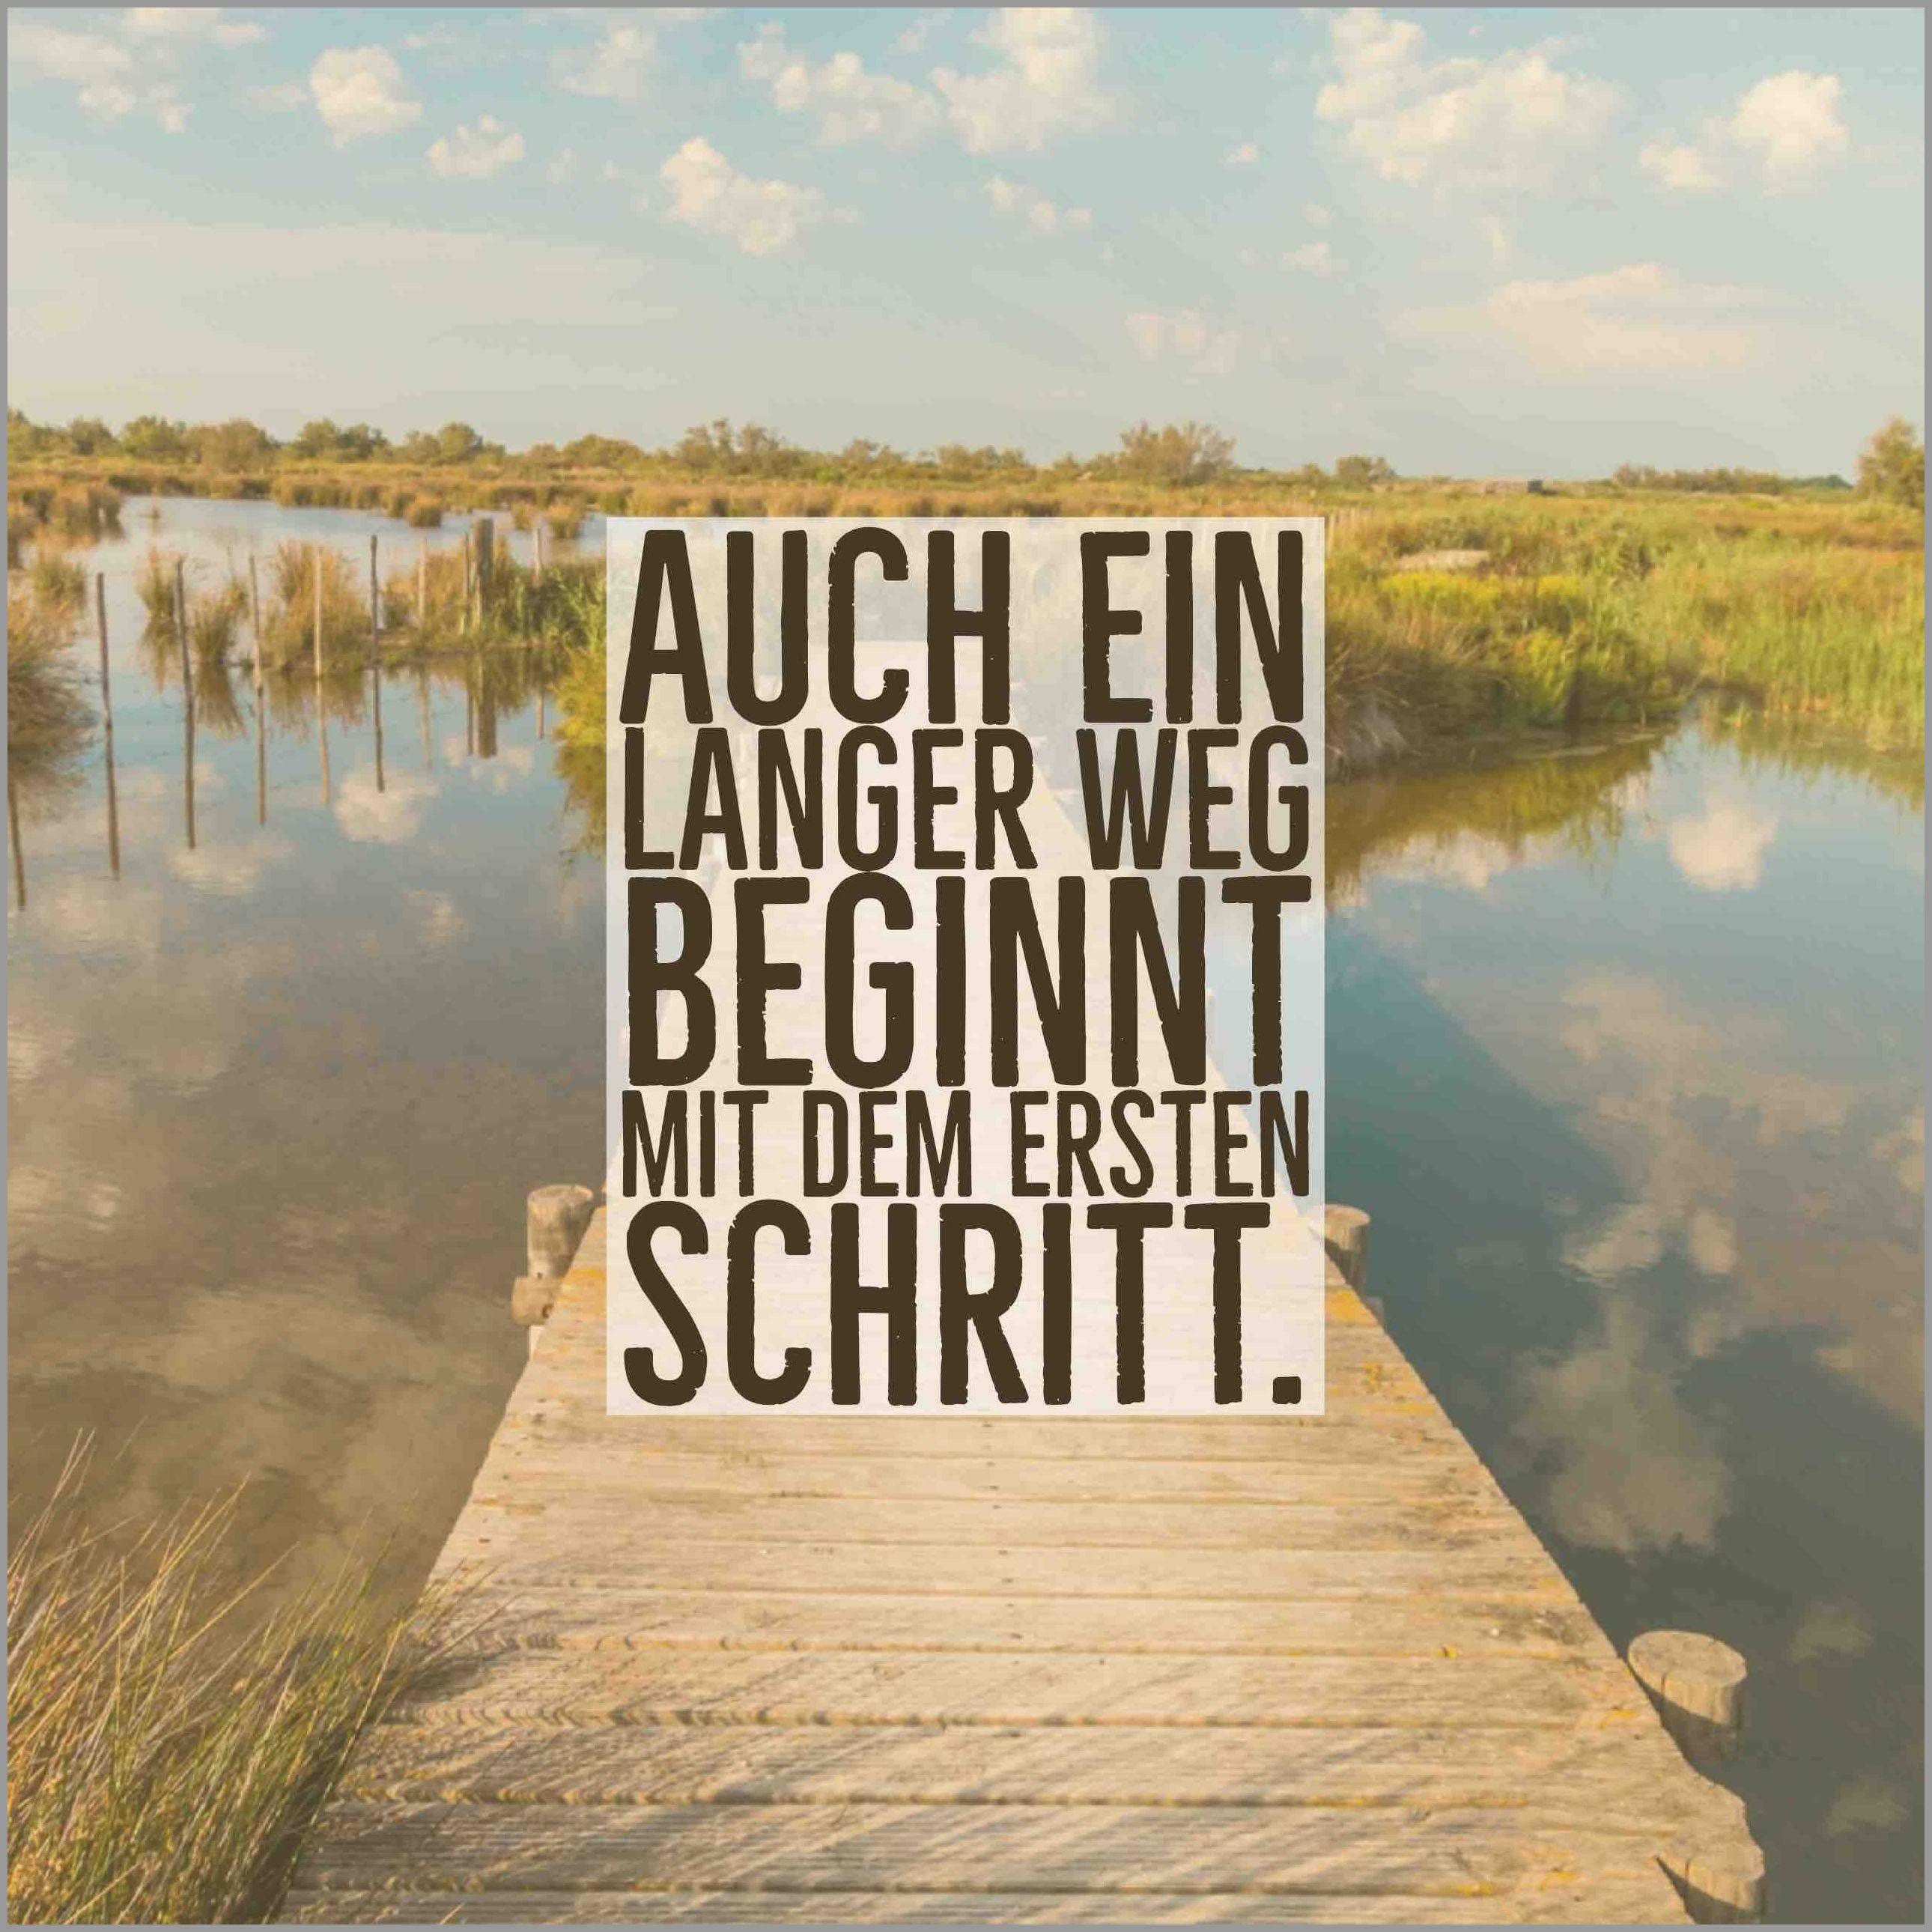 Auch ein langer weg beginnt mit dem ersten schritt - Auch ein langer weg beginnt mit dem ersten schritt